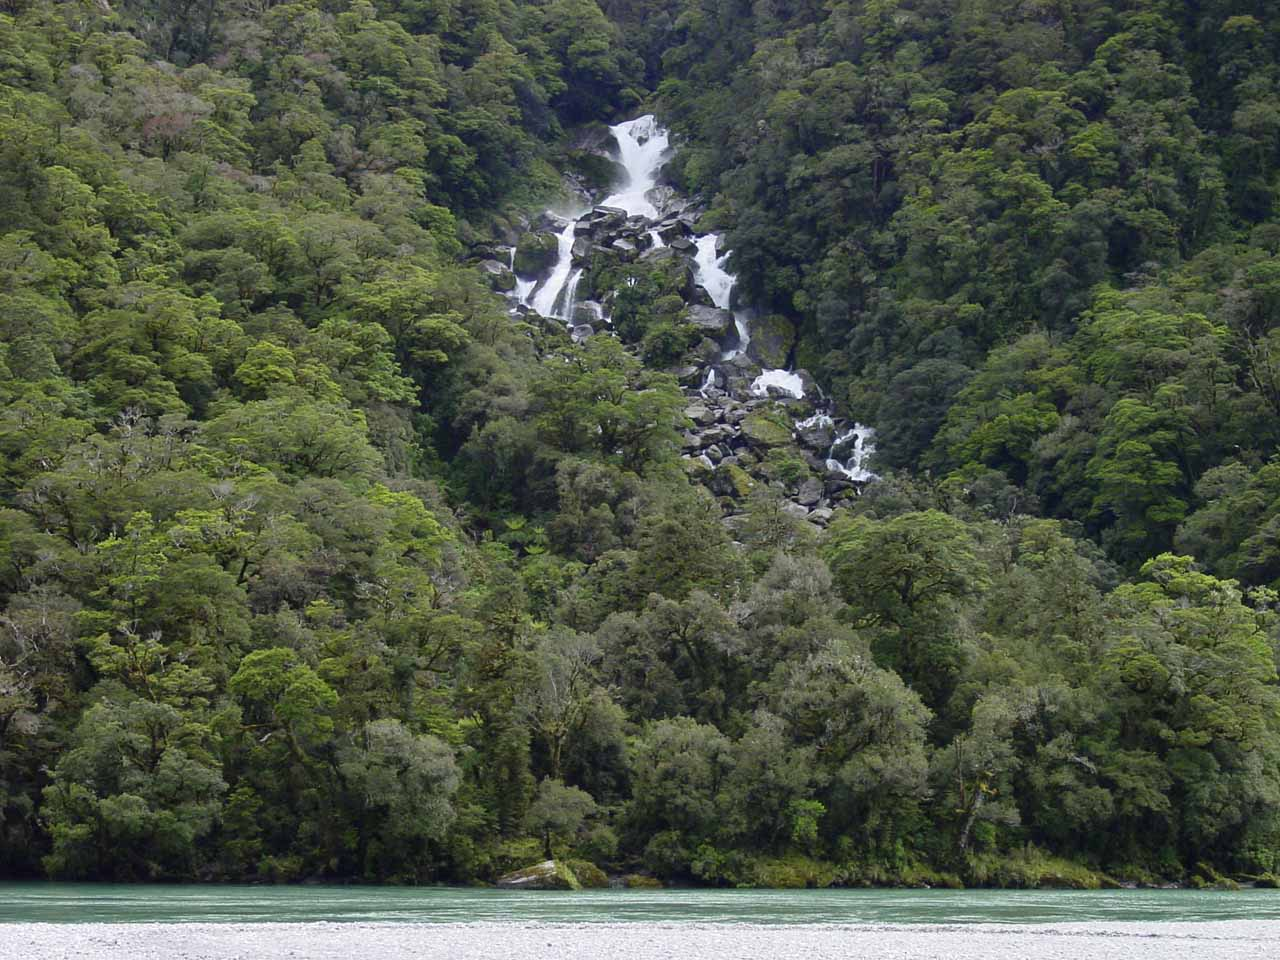 Roaring Billy Falls